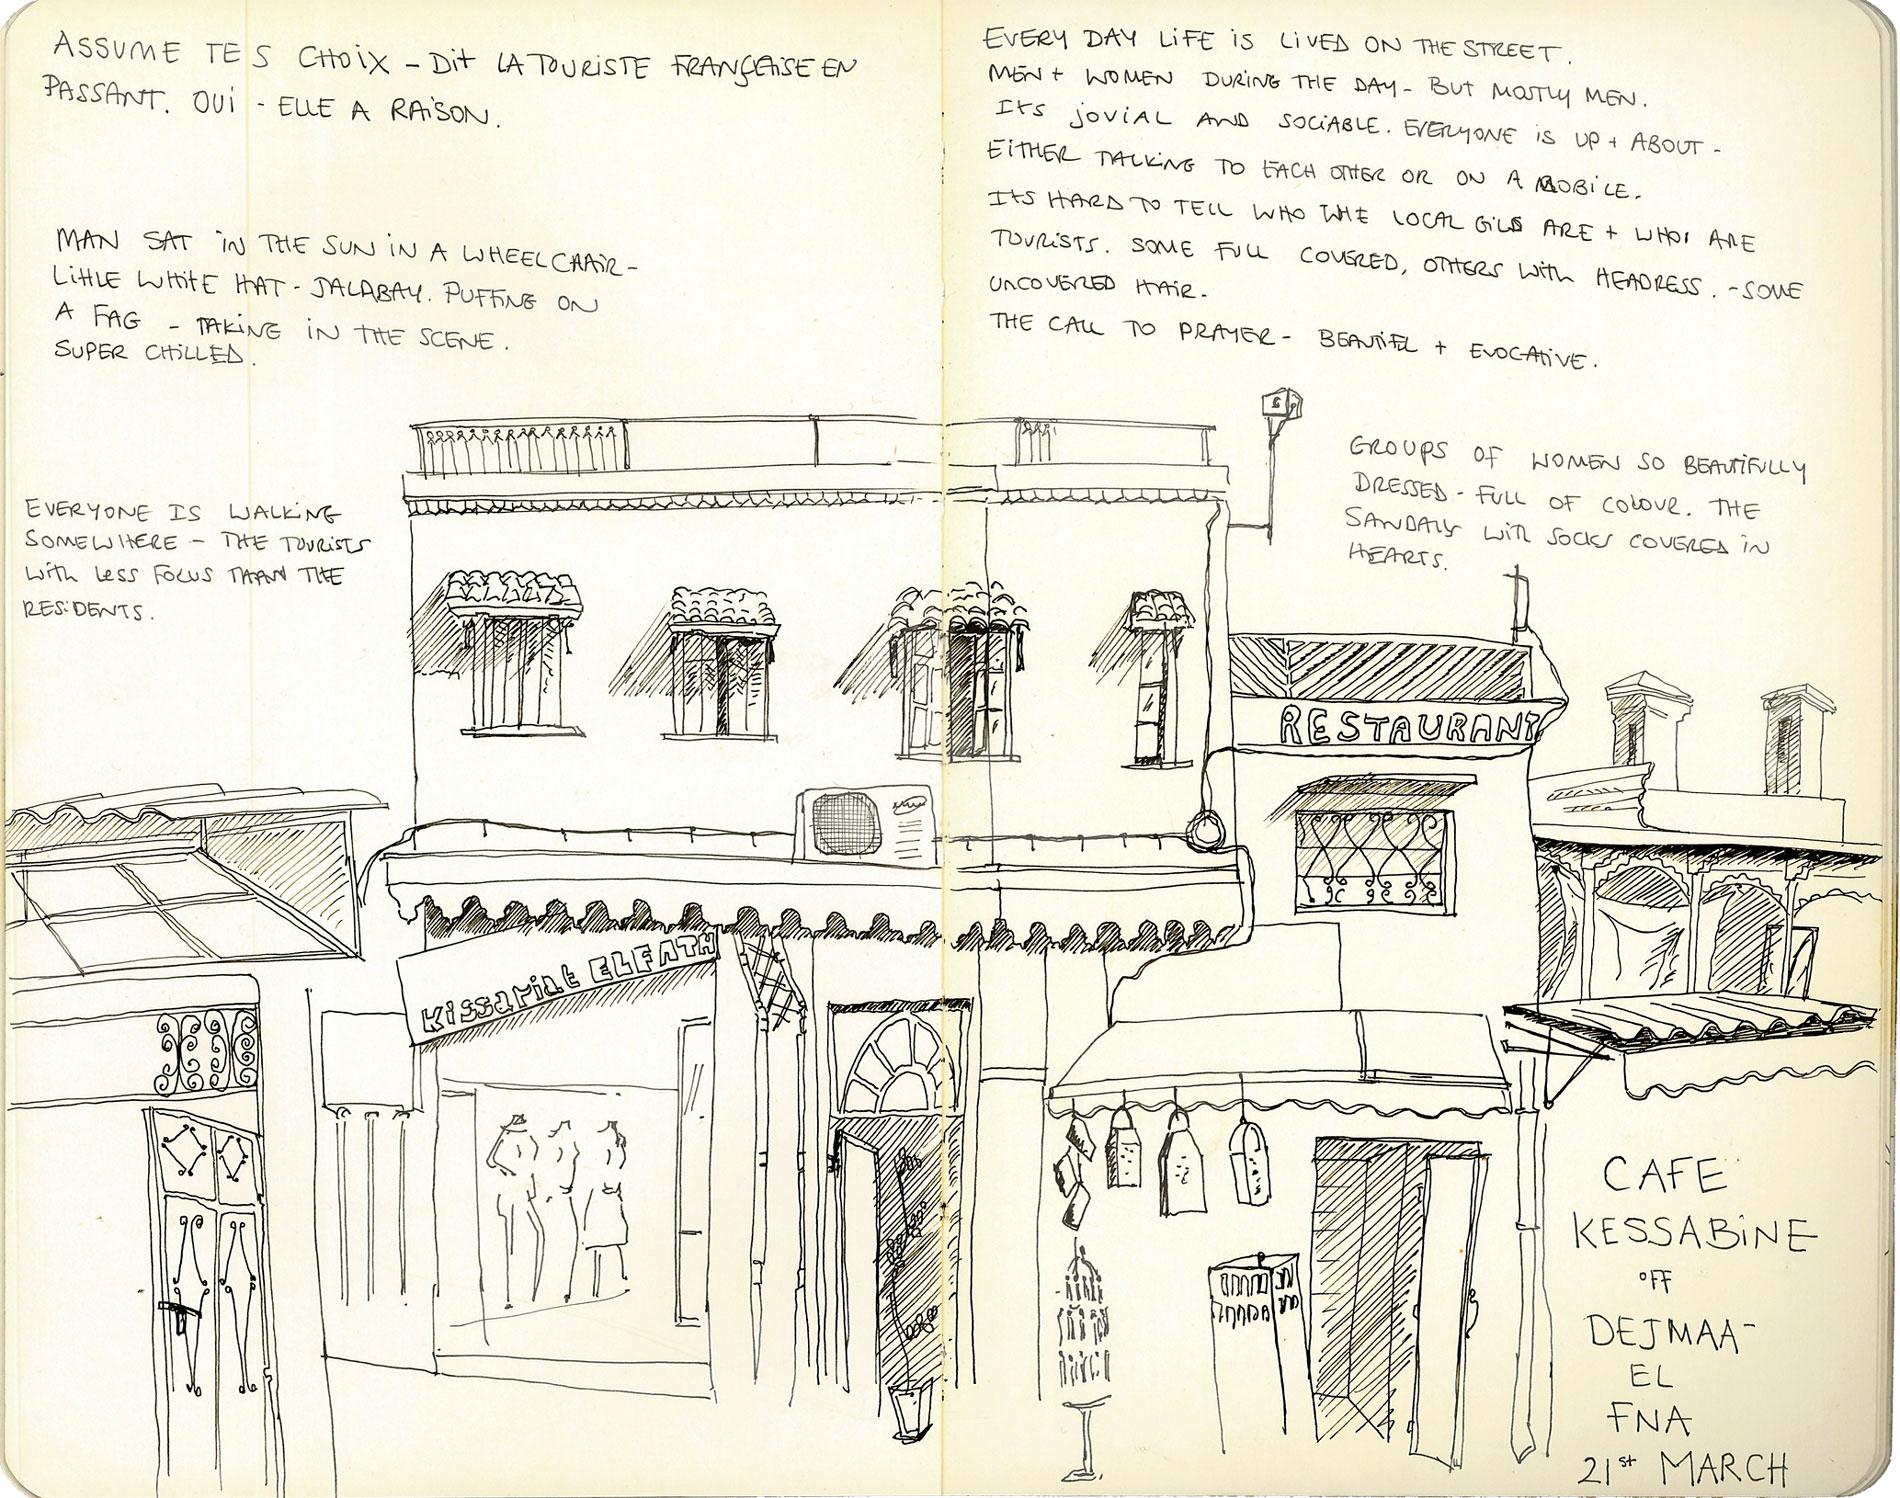 06---Cafe-Kessabine-jema-el-fnaa.jpg